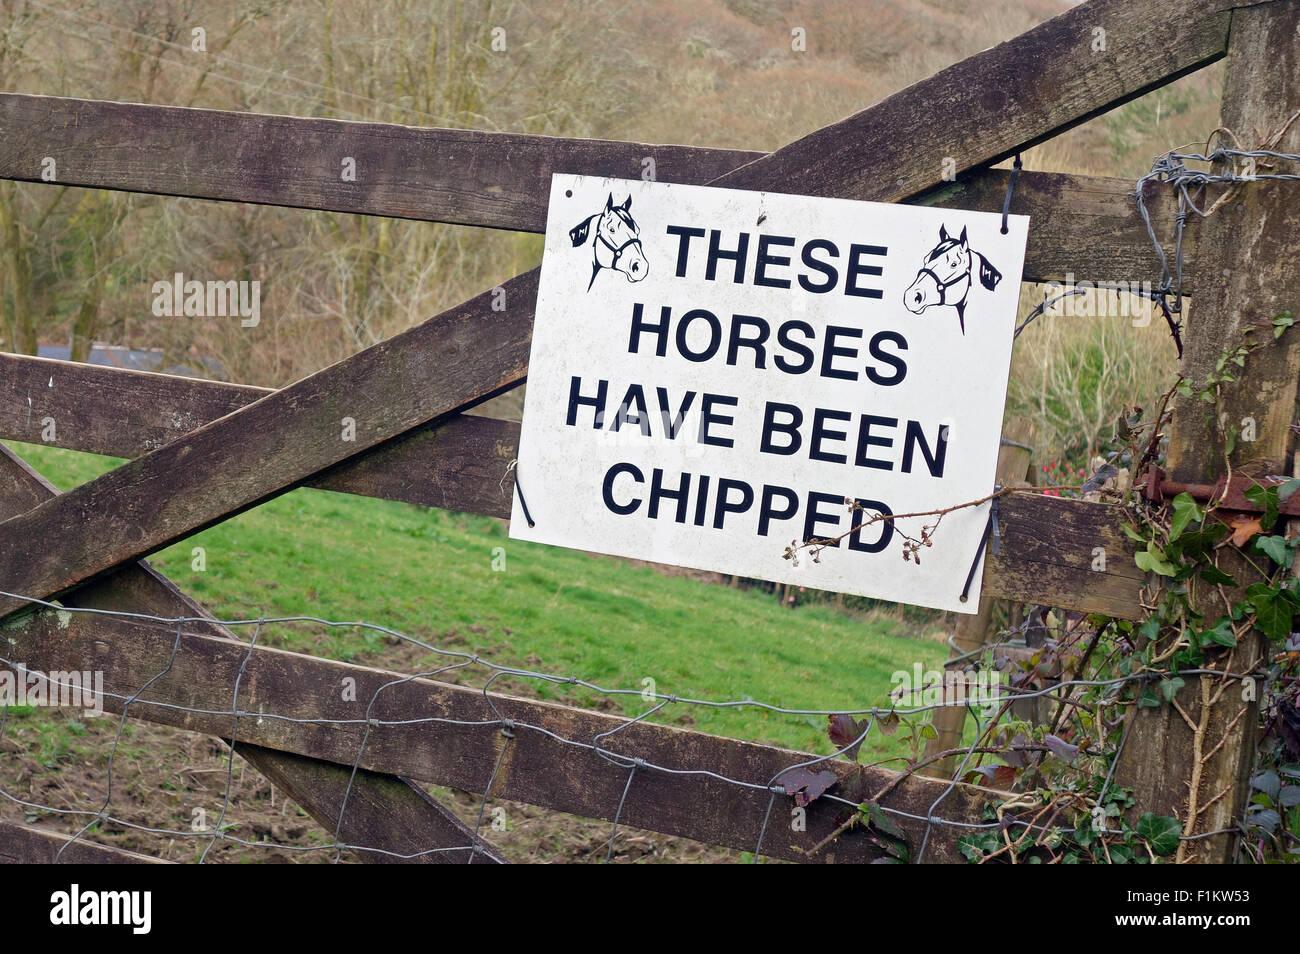 Ein Pferde wurden micro gechipt Warnschild zum Schutz vor Diebstahl Stockbild